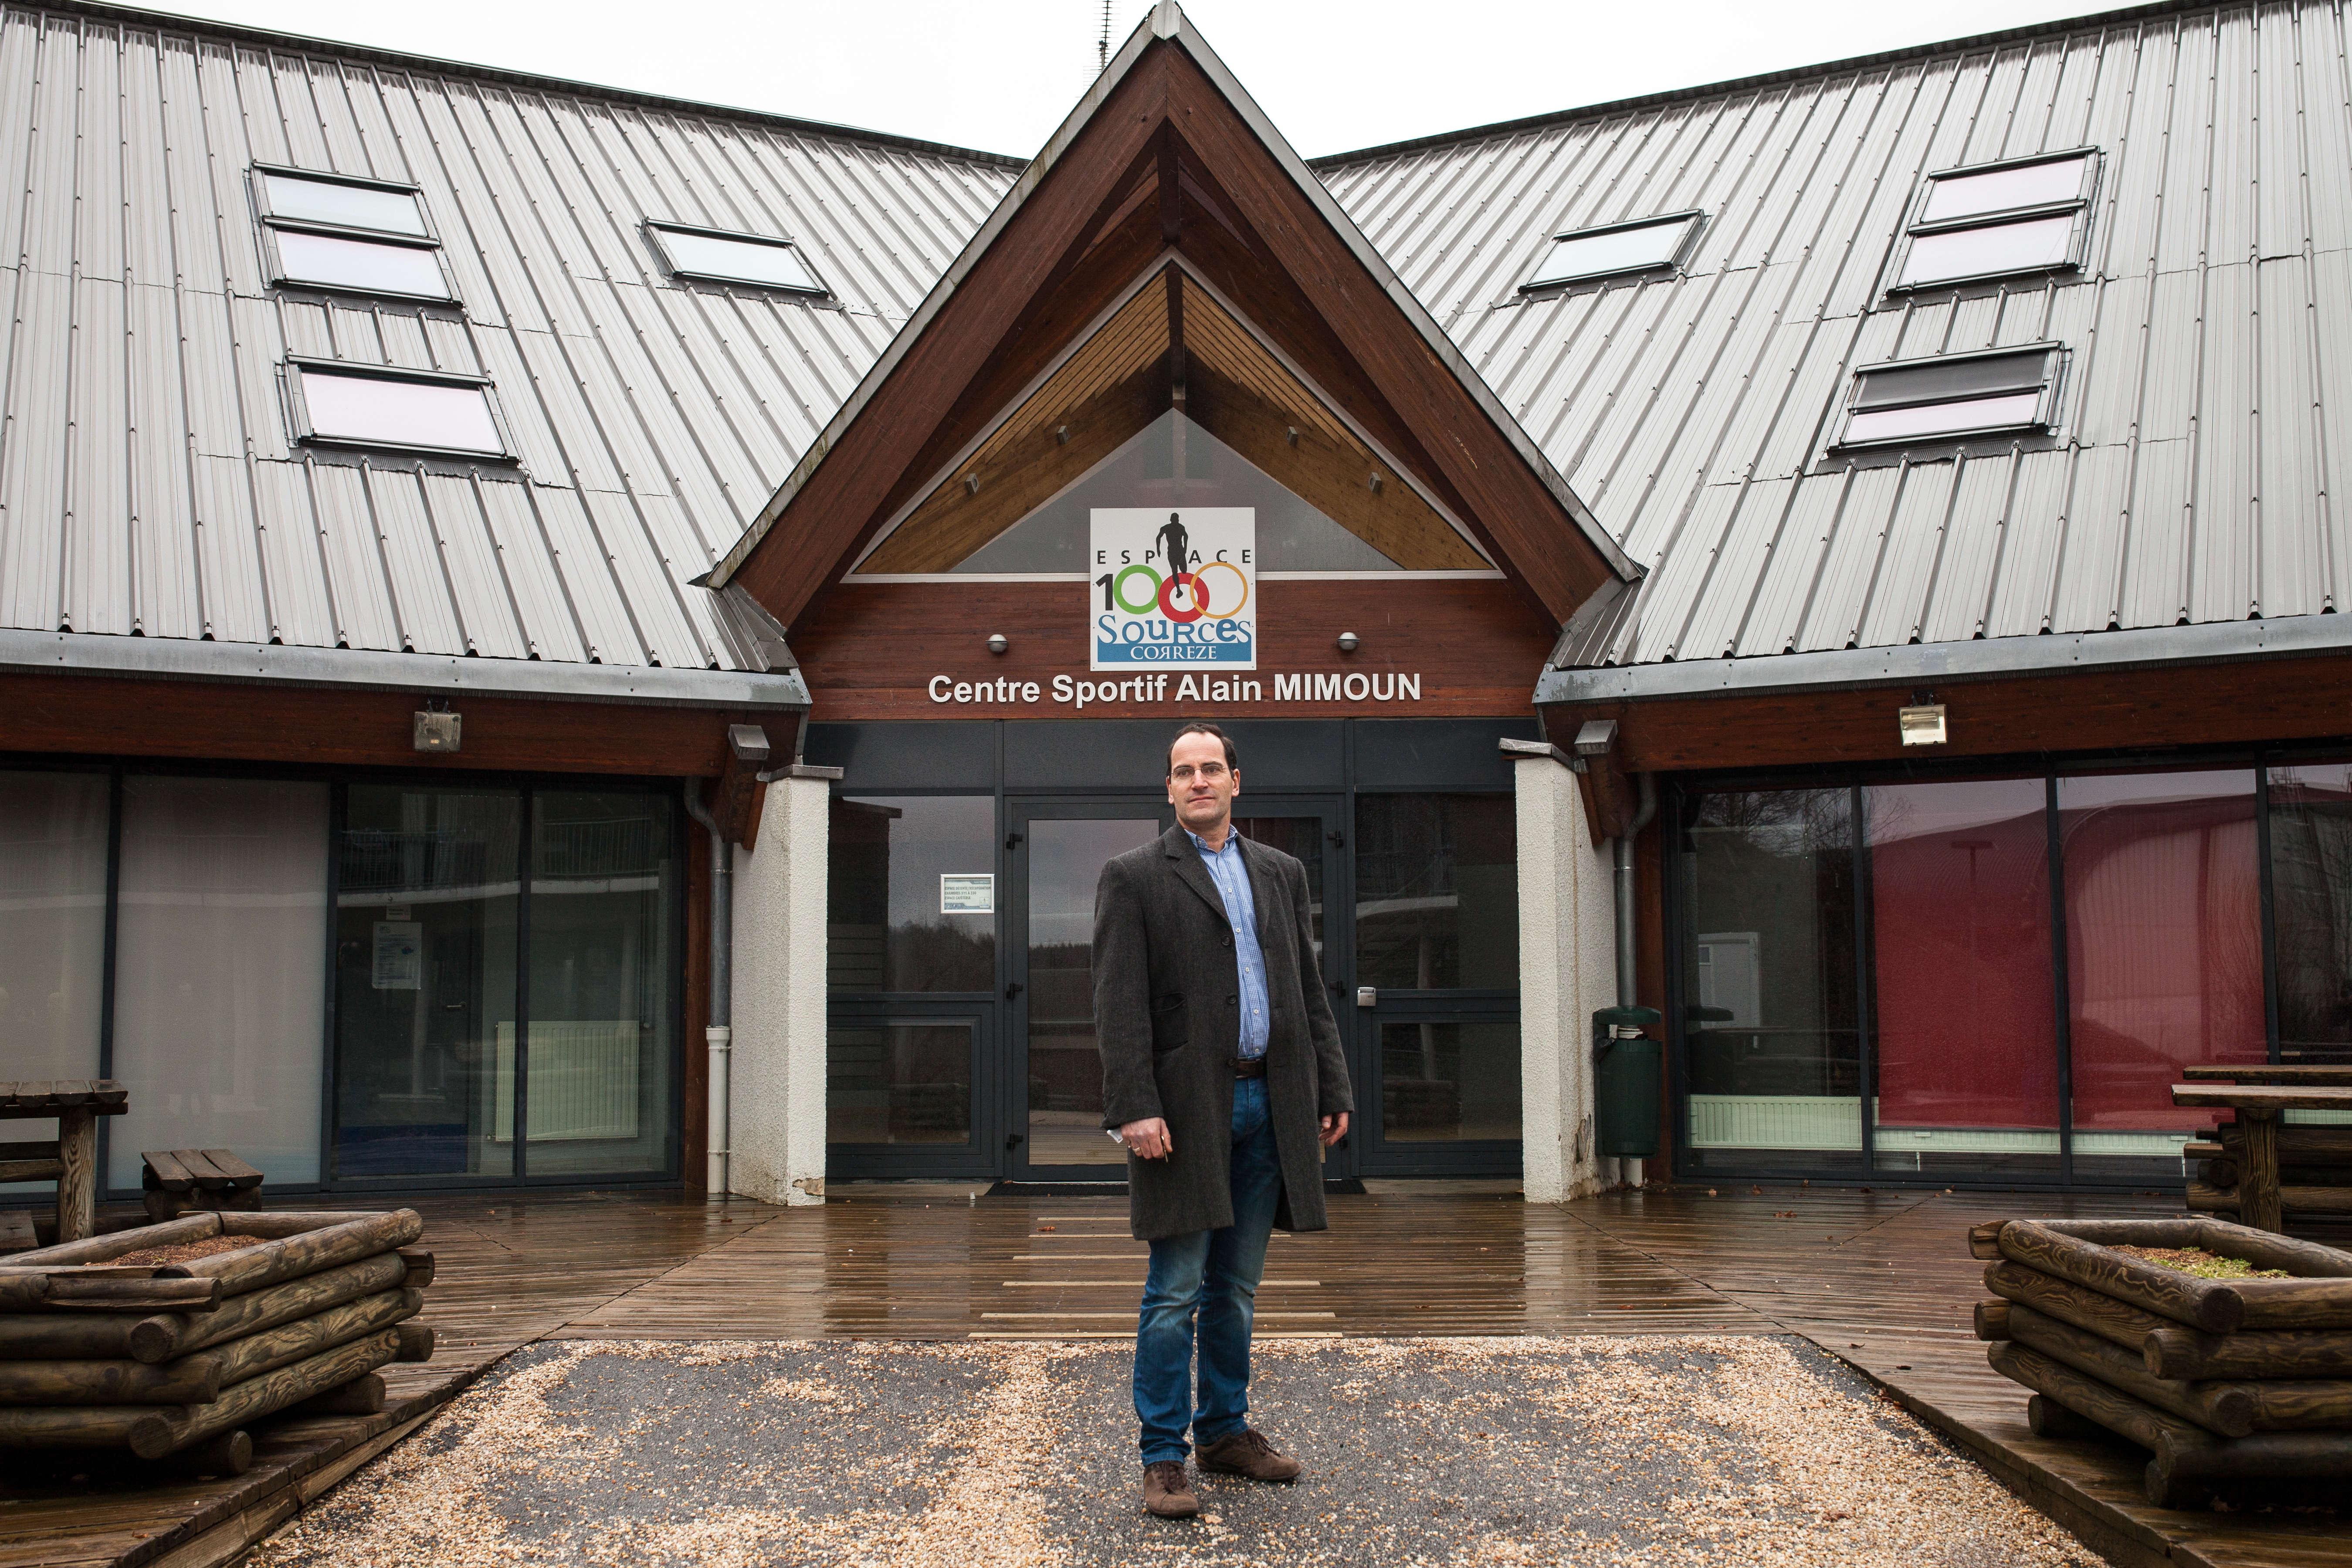 Philippe Feytis est le directeur du centre sportif Espace 1000 Sources, également dénommé Centre sportif Alain Mimoun.